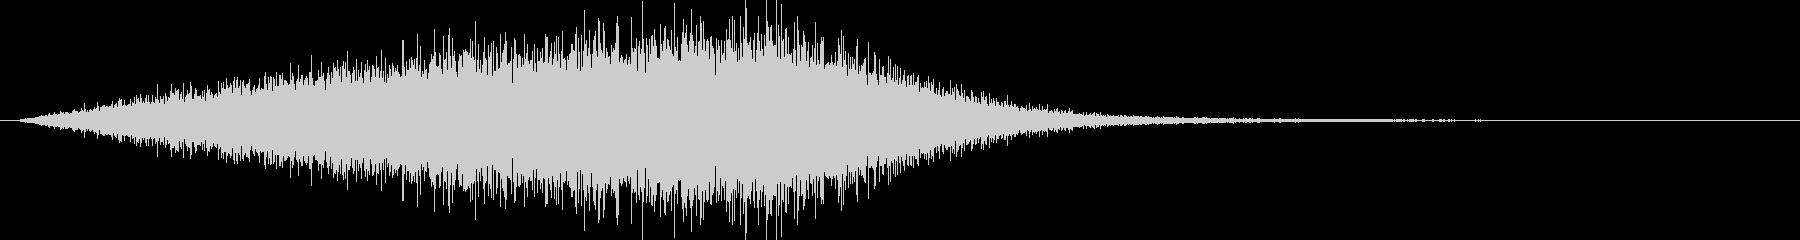 次元の扉が出現する音(シュオオン、転送)の未再生の波形